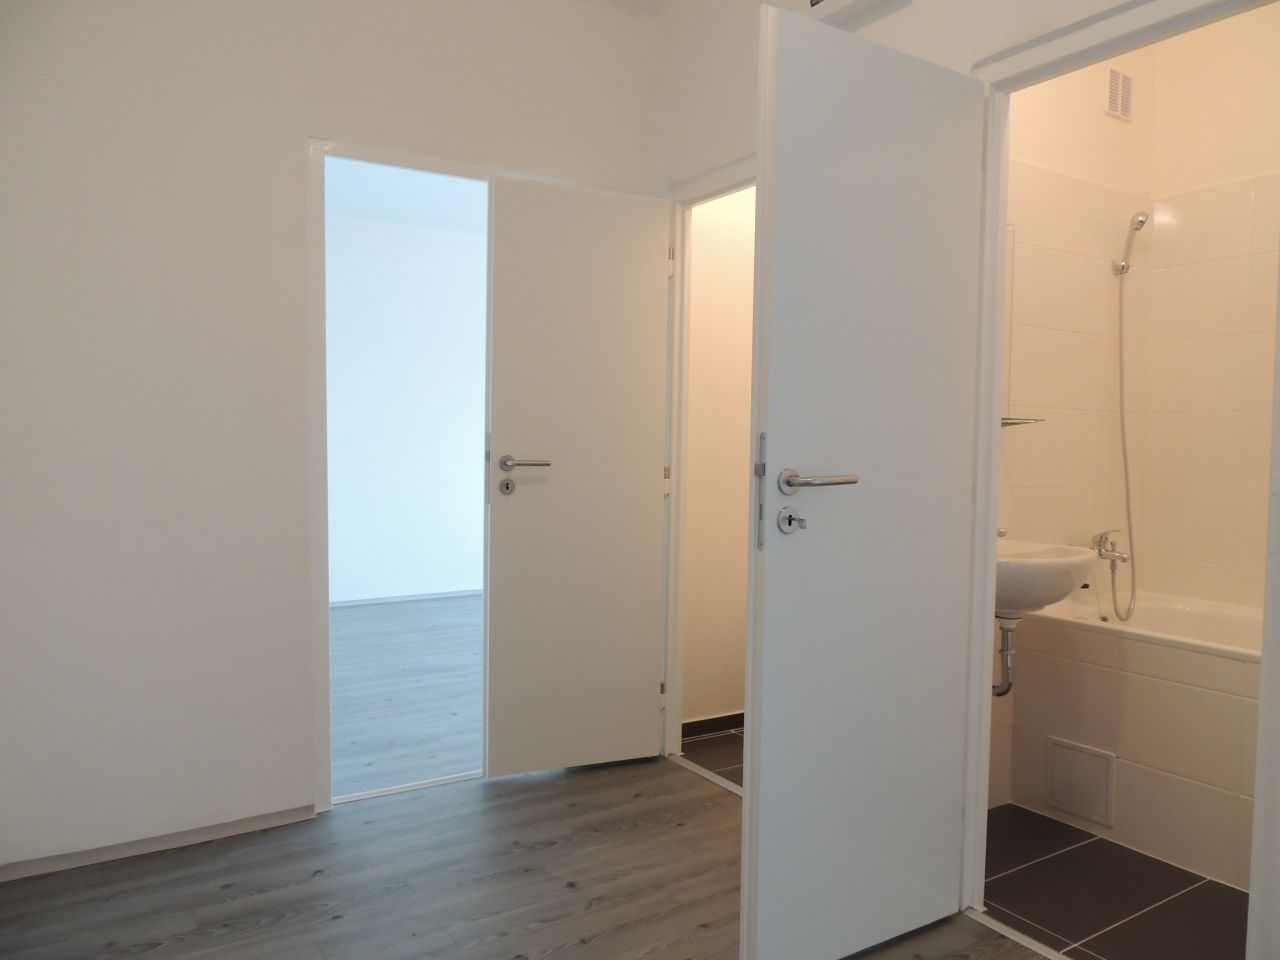 Pronájem bytu 2+1 54 m2, ul. Plavecká 873, Ostrava - Hrabůvka